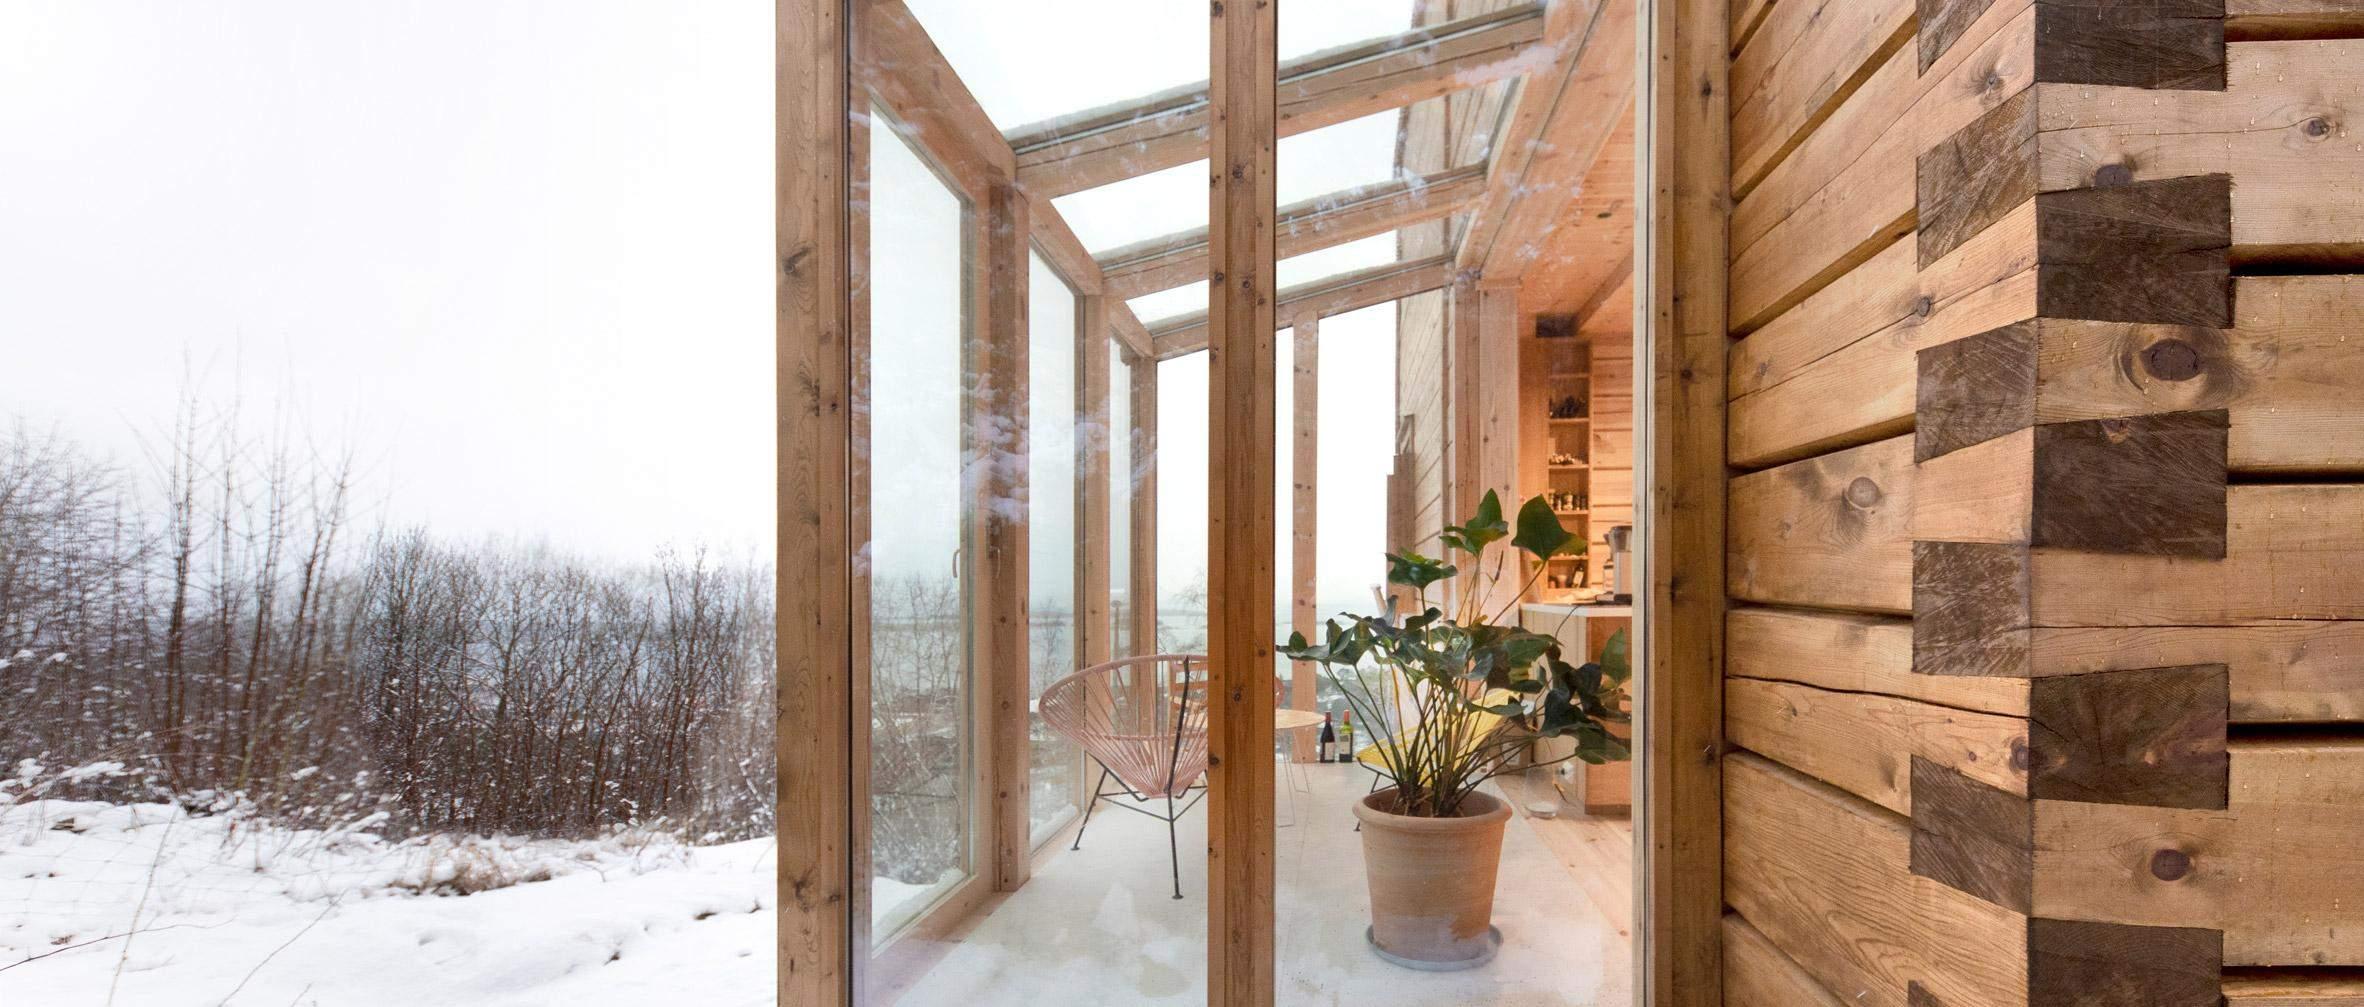 Простора веранда з панорамними вікнами / Фото Dezeen